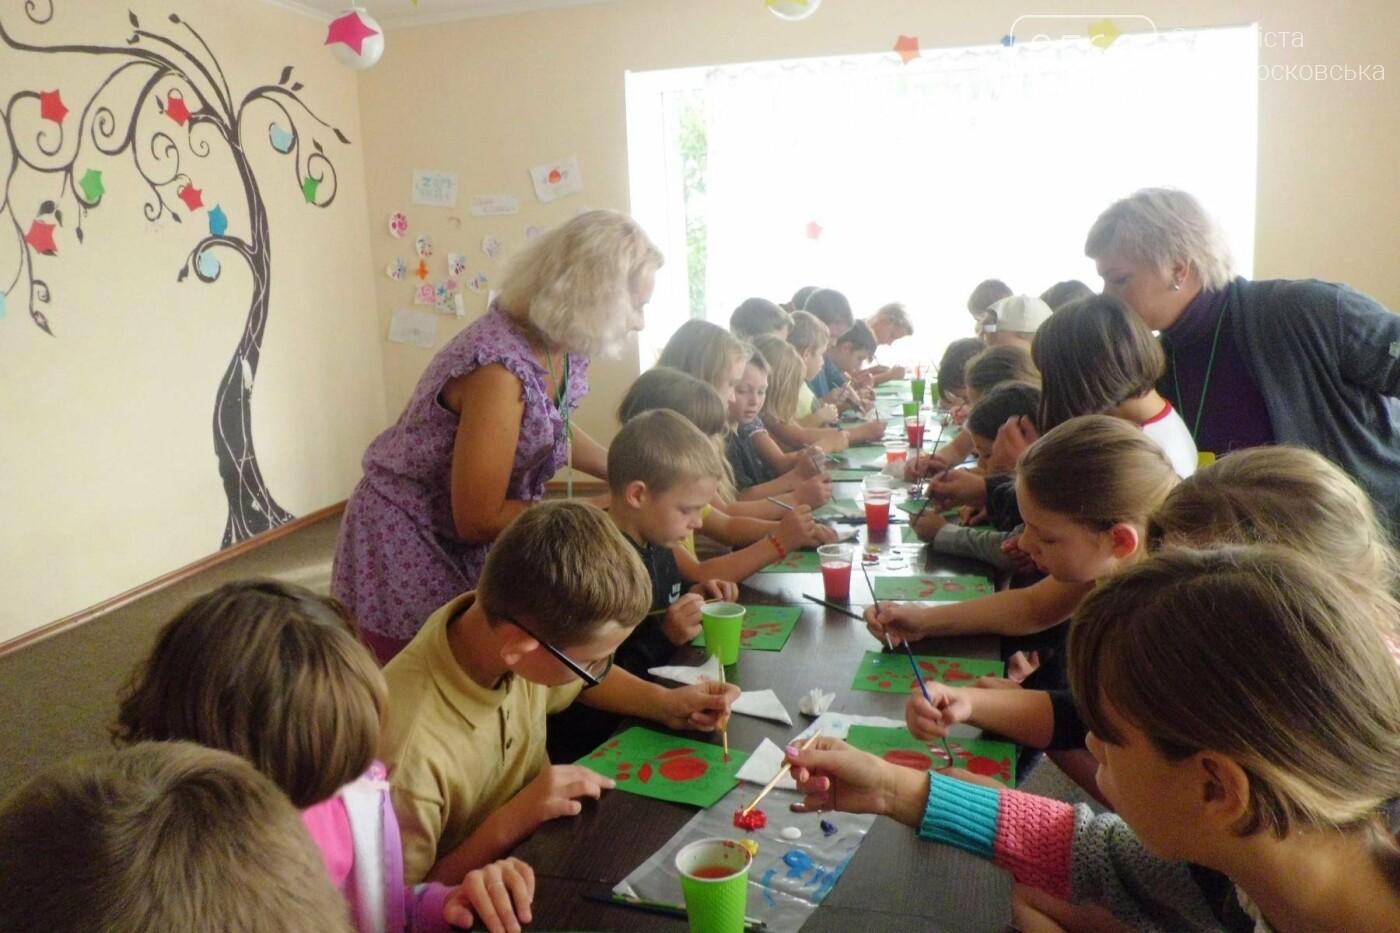 Новомосковські майстри мистецтв та творчості стали учасниками Богуславського молодіжного форуму, фото-2